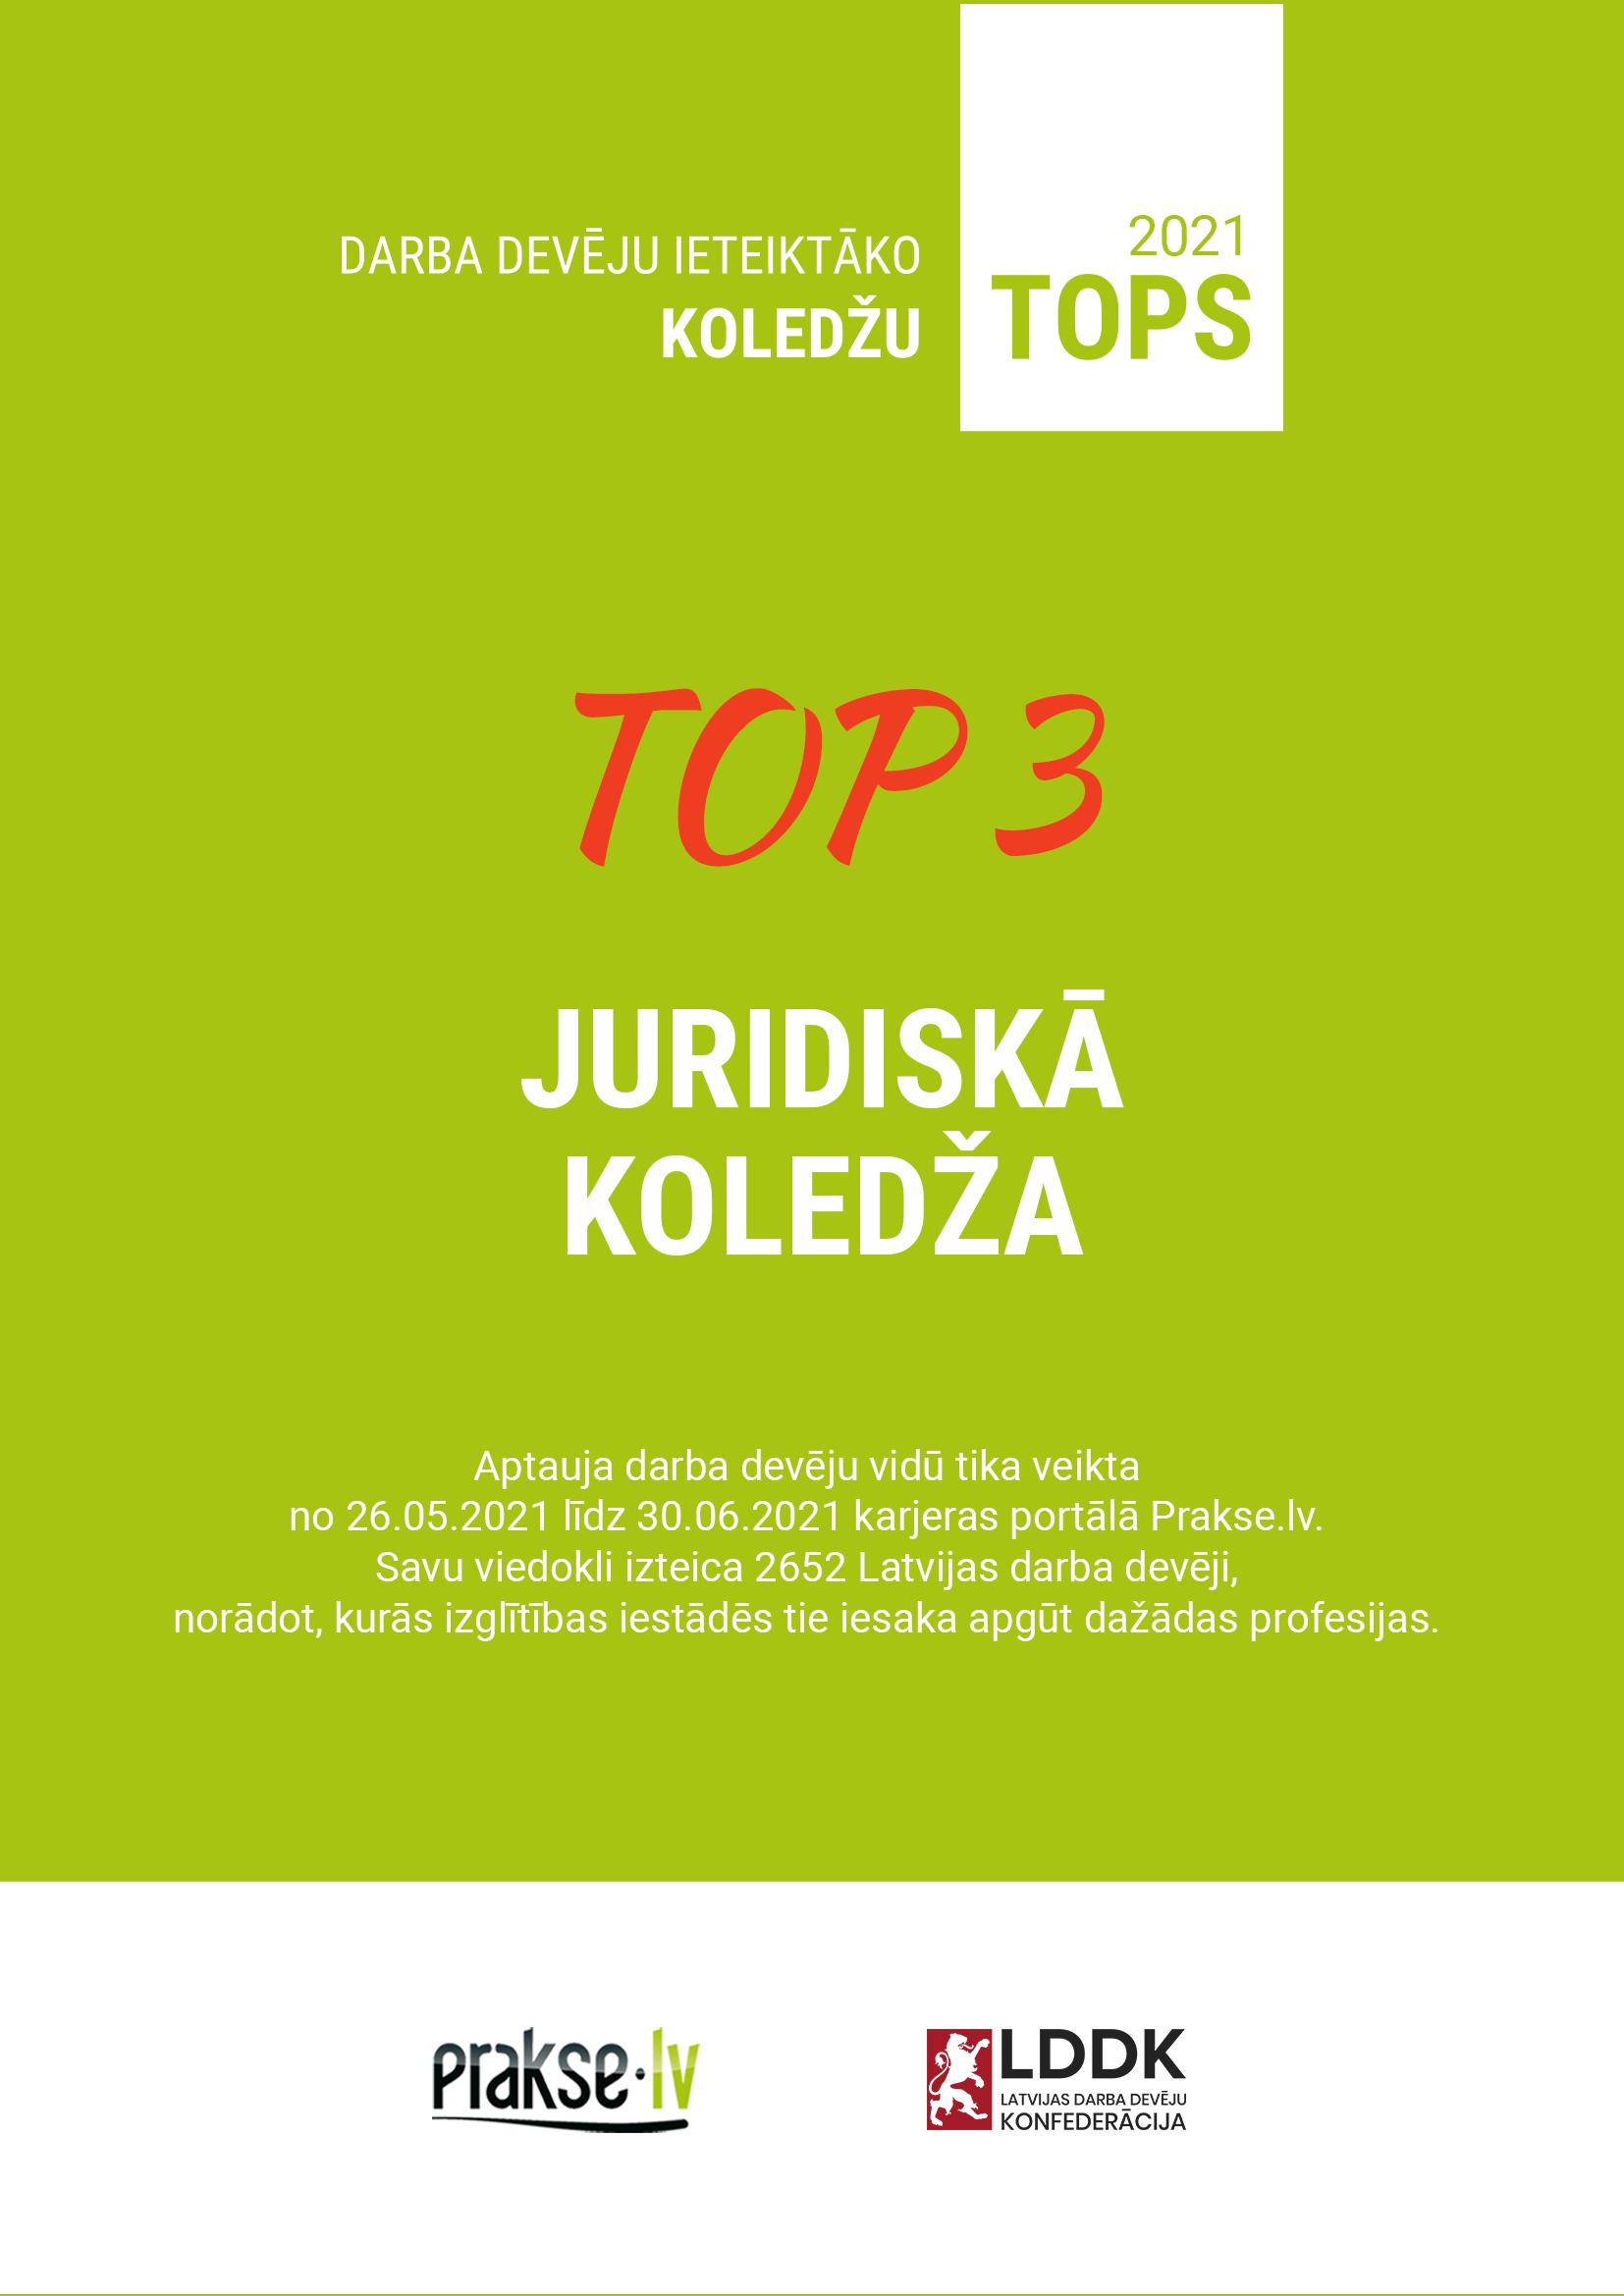 Darba devēju visbiežāk minēto studiju programmu un izglītības iestāžu TOPs 2021